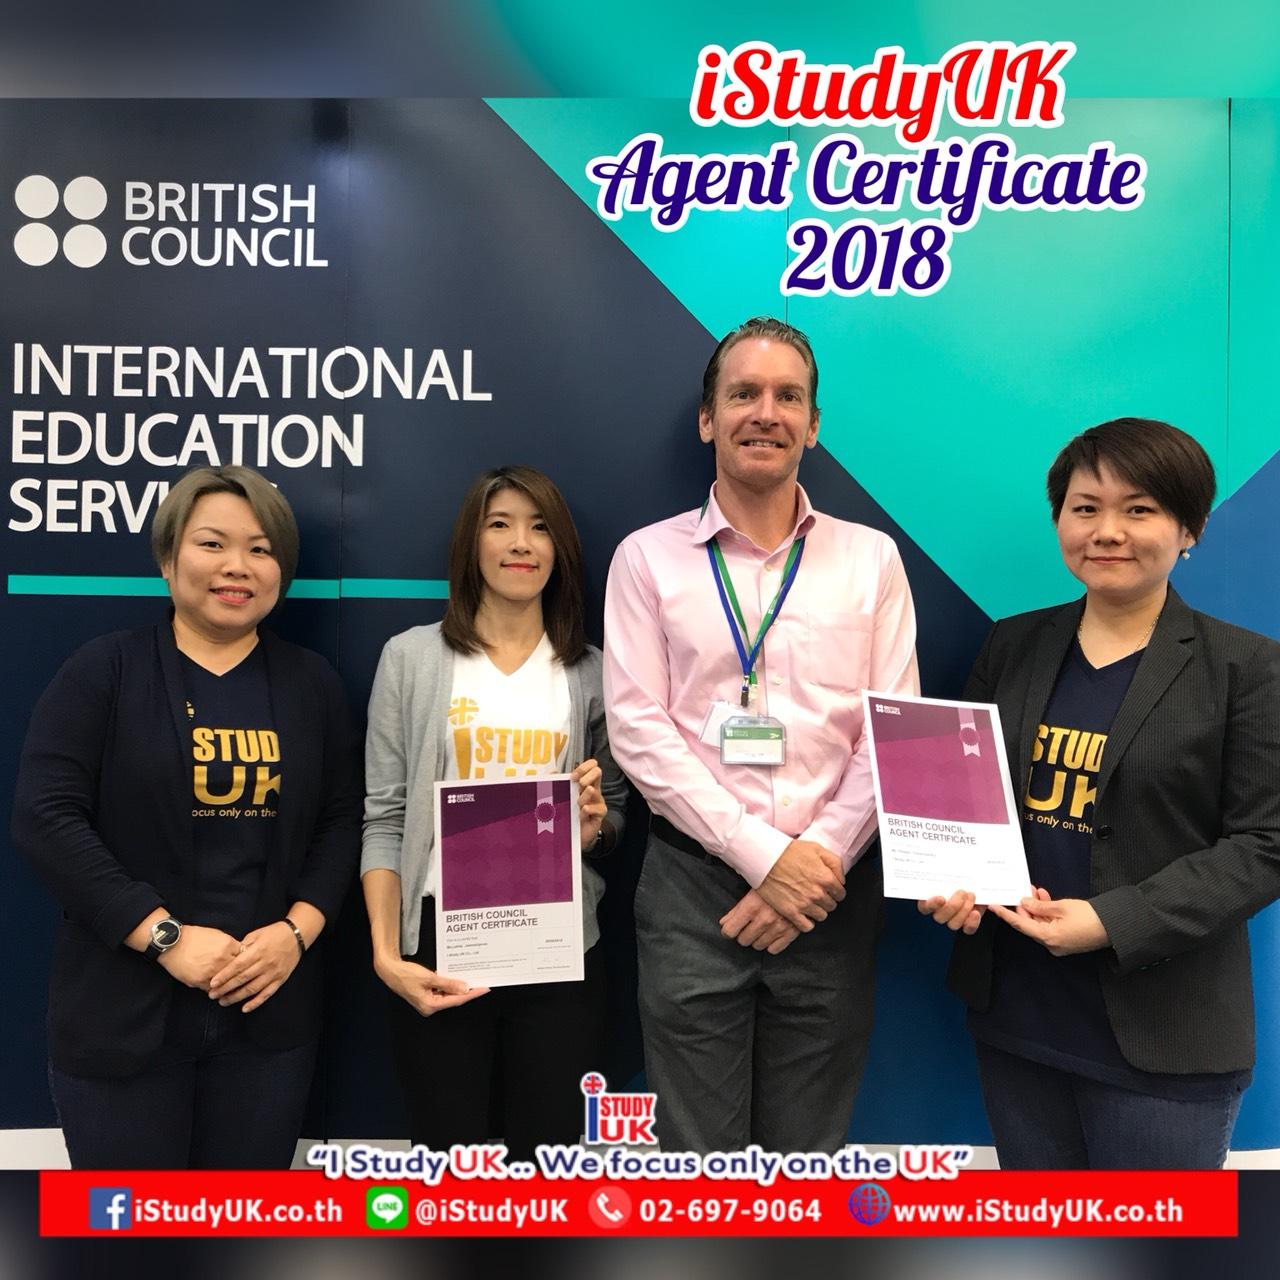 สมัครเรียนต่ออังกฤษกับเอเยนซี่ iStudyUK เรียนต่ออังกฤษ ประเทศอังกฤษ กับเอเจนซี่เรียนต่ออังกฤษ I Study UK...We focus only UK